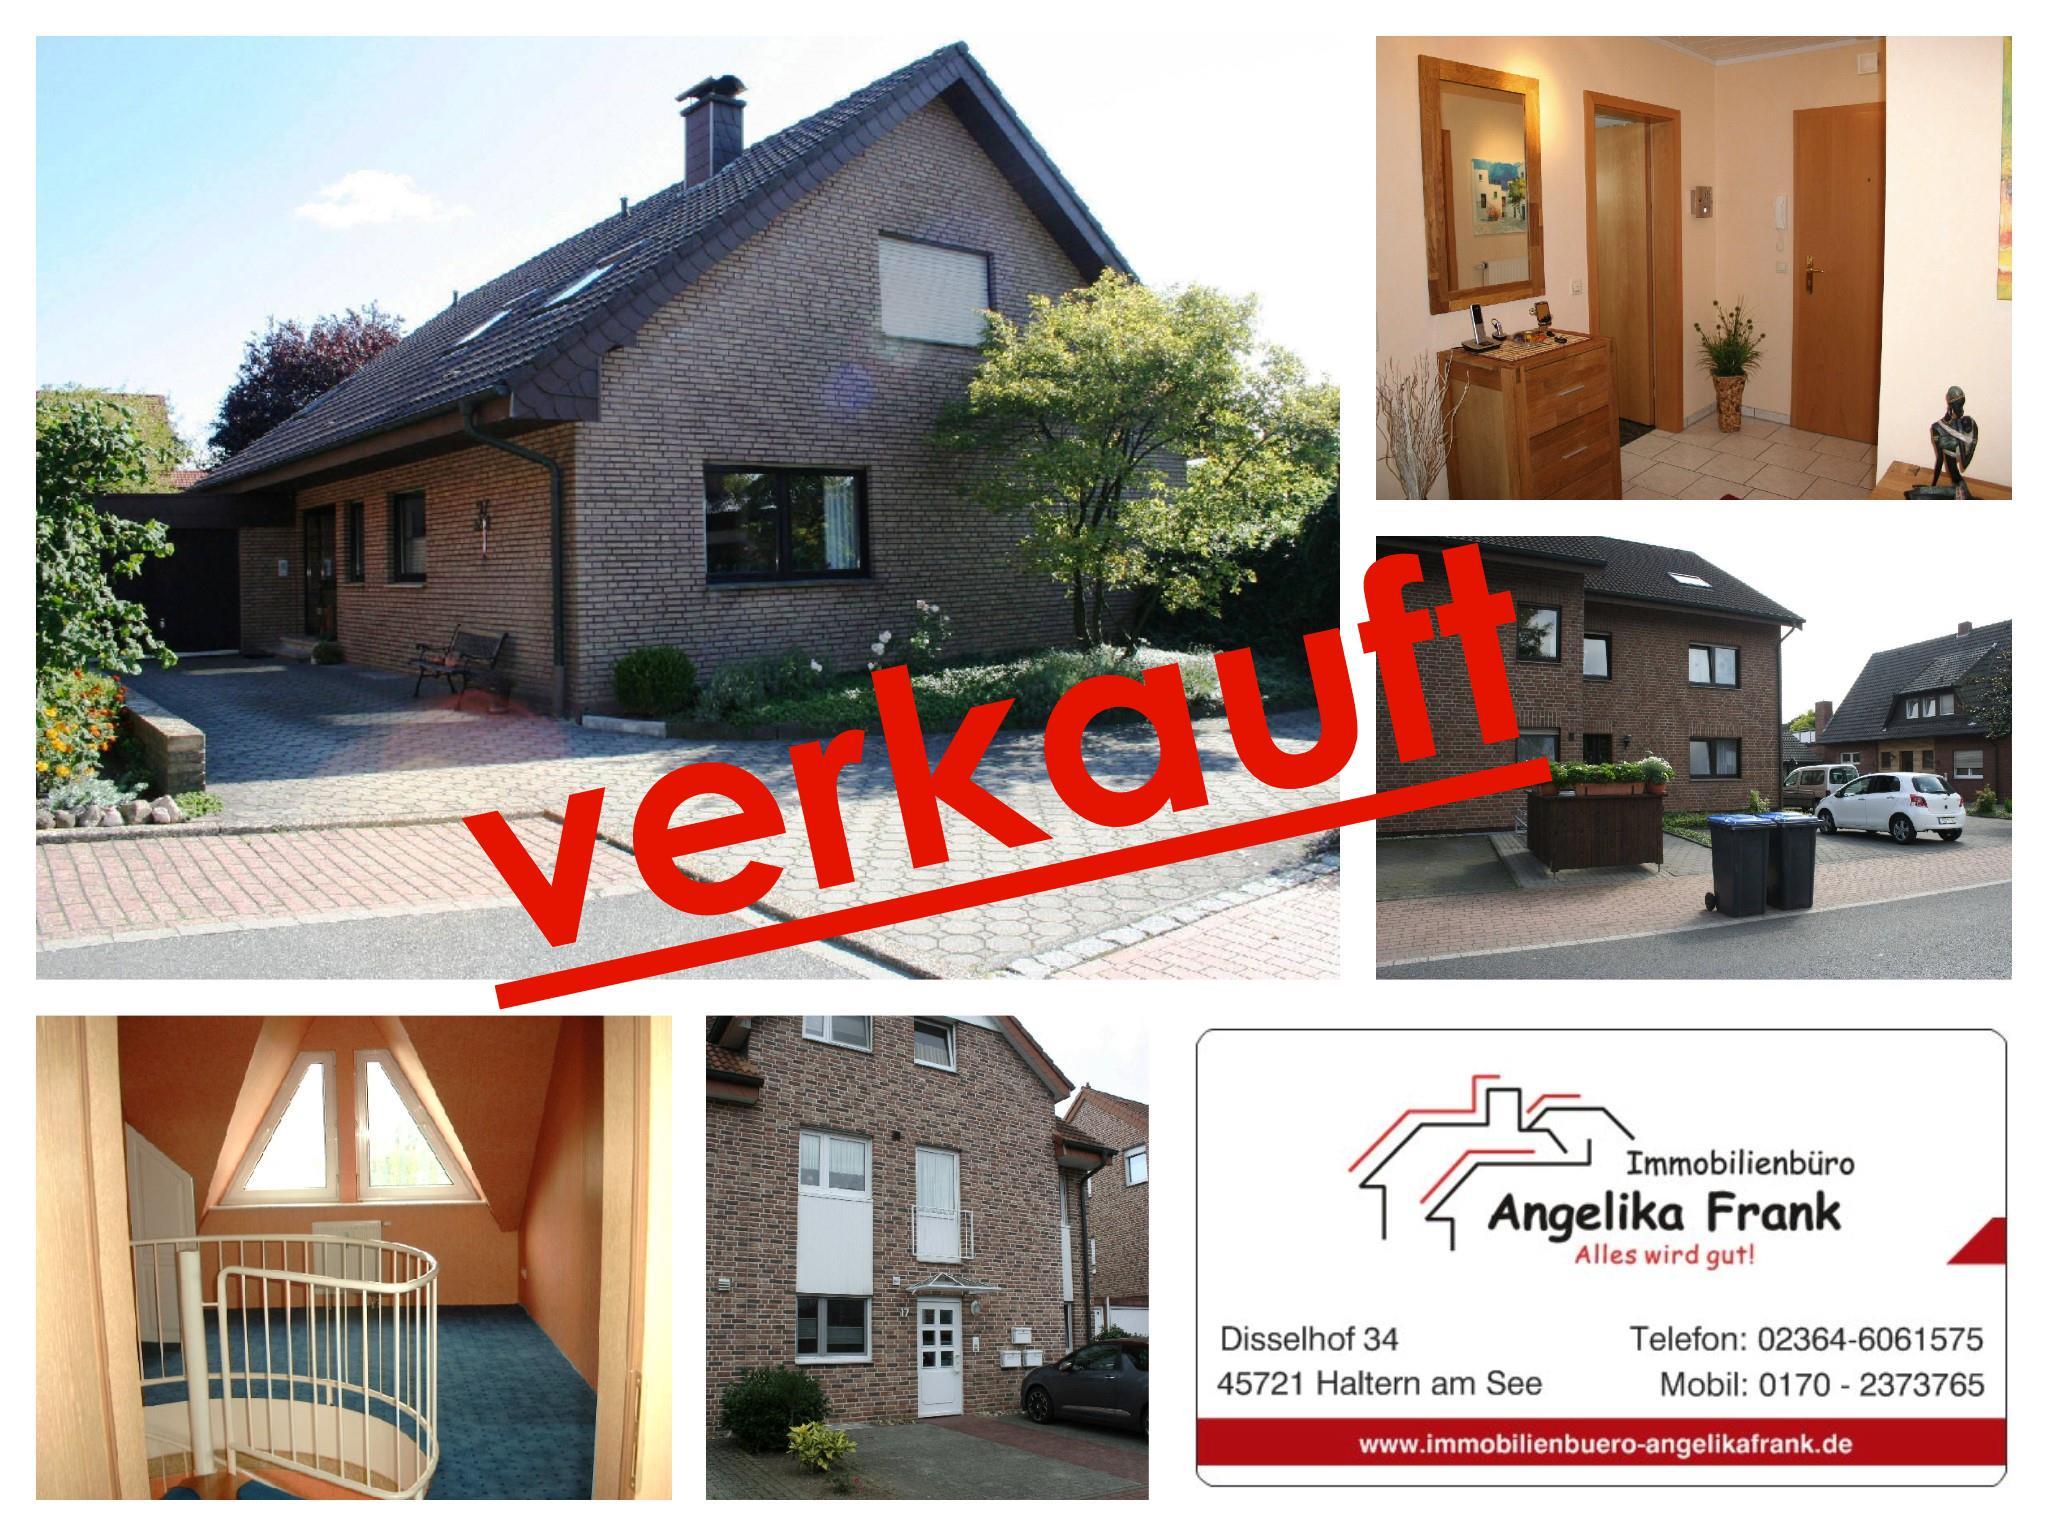 Immobilien in Darup, Rorup, Lembraken und Dülmen